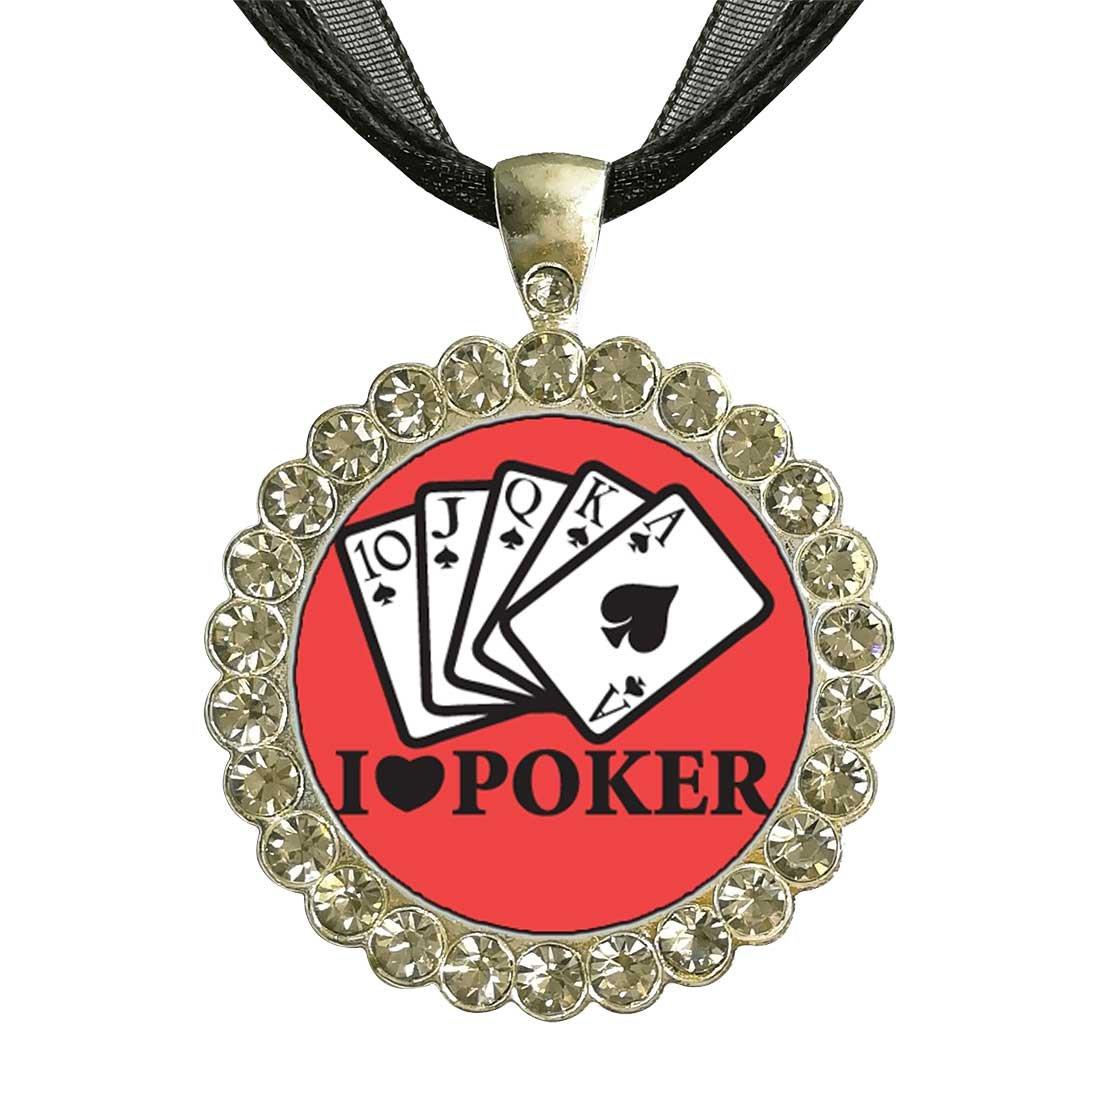 GiftJewelryShop シルバープレート B00PAUPYQU I Love Love Poker I ホワイトクリスタルチャームペンダントネックレス B00PAUPYQU, おばけのかくれんぼrenren店:a4e73089 --- itxassou.fr